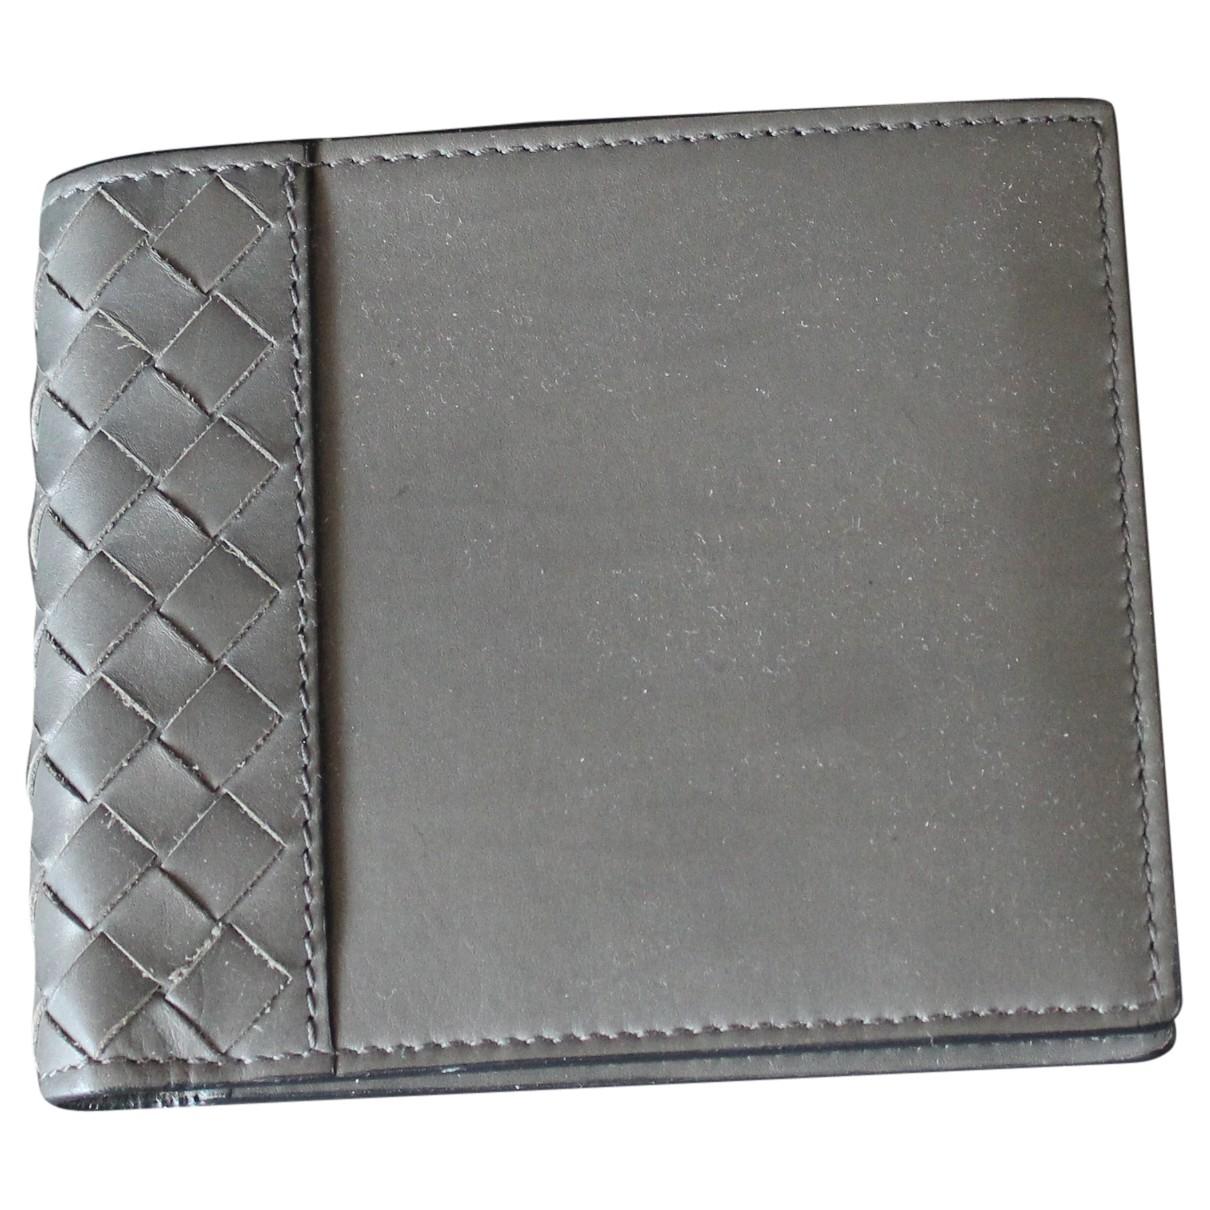 Bottega Veneta - Petite maroquinerie   pour homme en cuir - gris